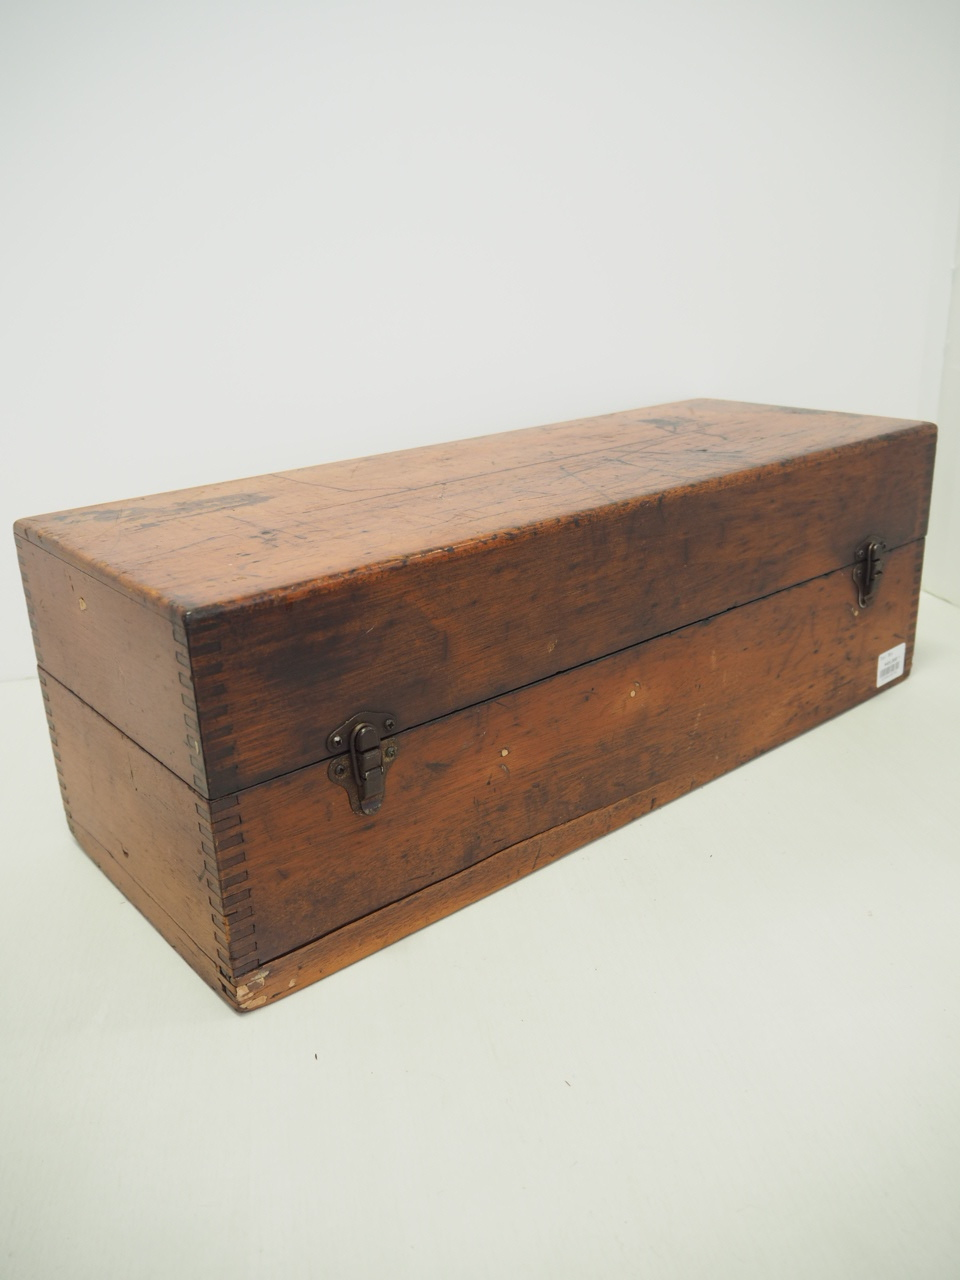 品番2700 工具箱 / Tool Box